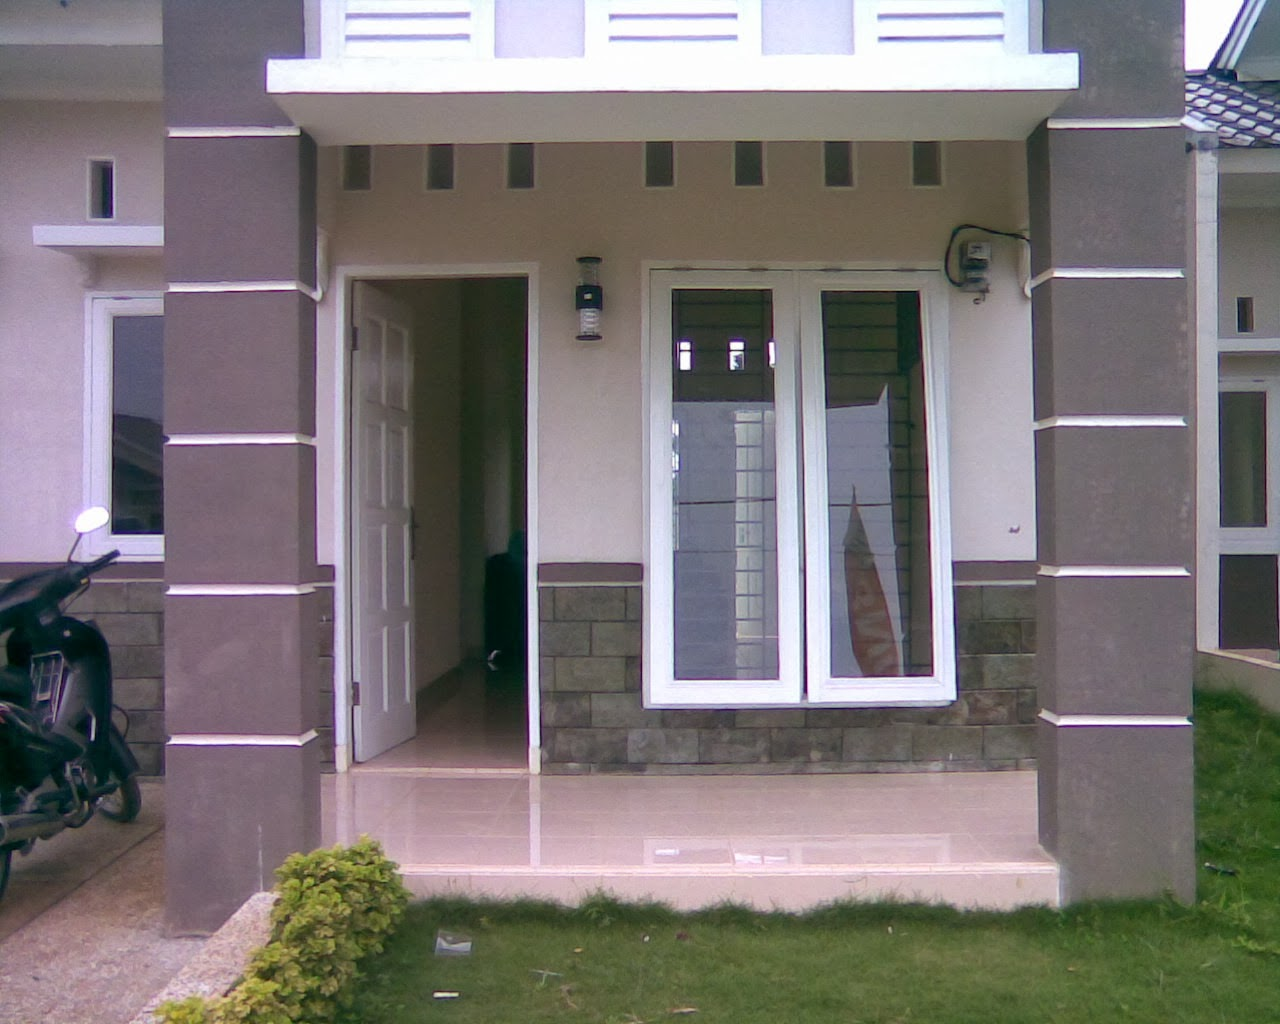 Rumah Minimalis Terbaru 2013 - Dekorasi Rumah Minimalis Terbaru 2013